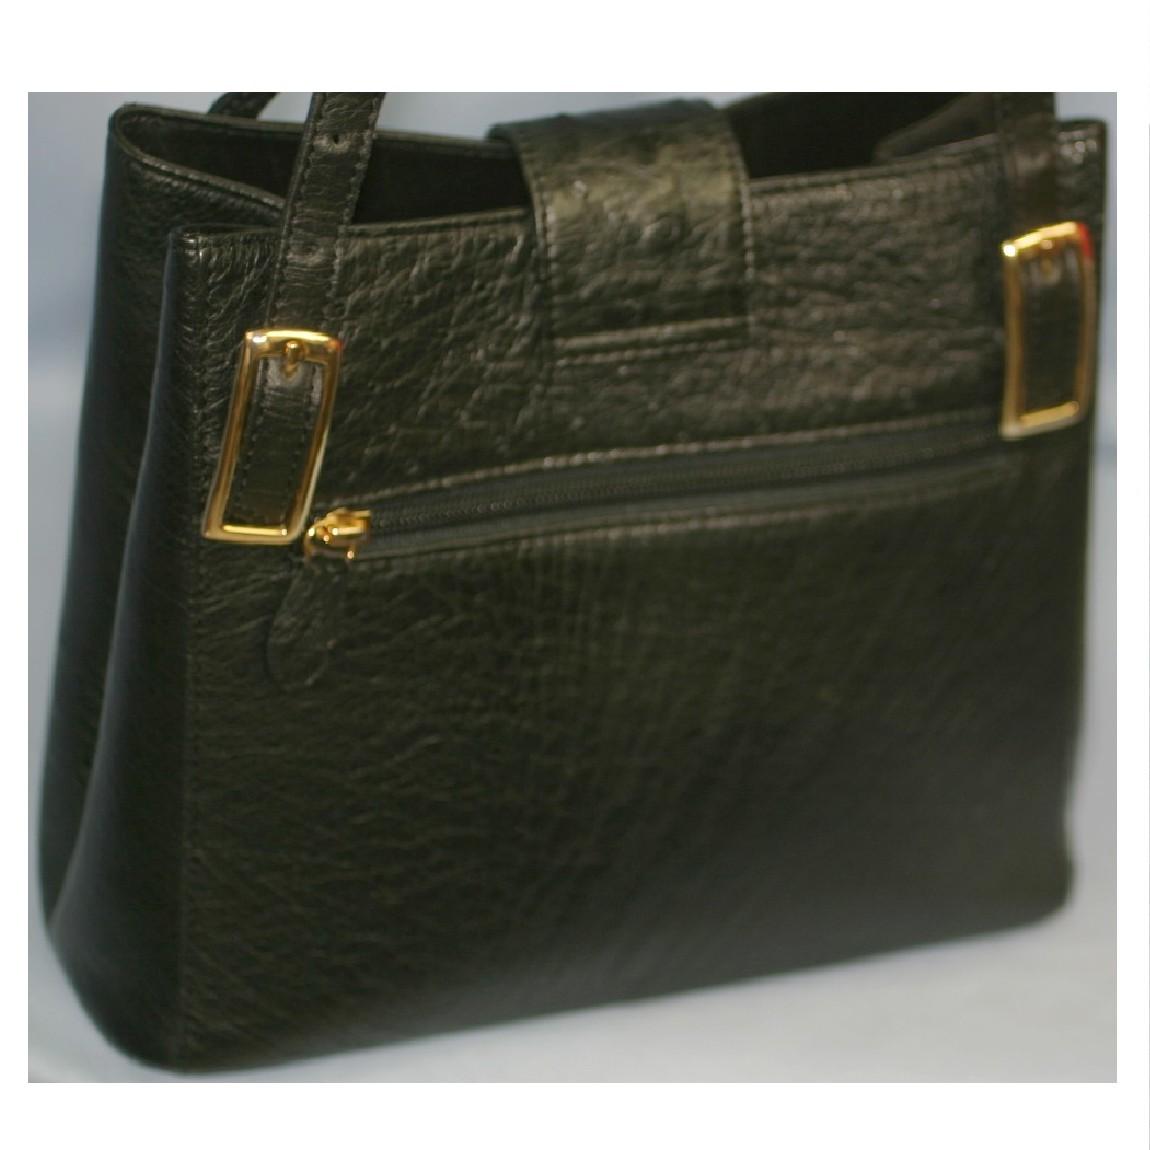 【中古】本物女性用黒オーストリッチ素材23x22センチショルダーバッグ ○C9-79